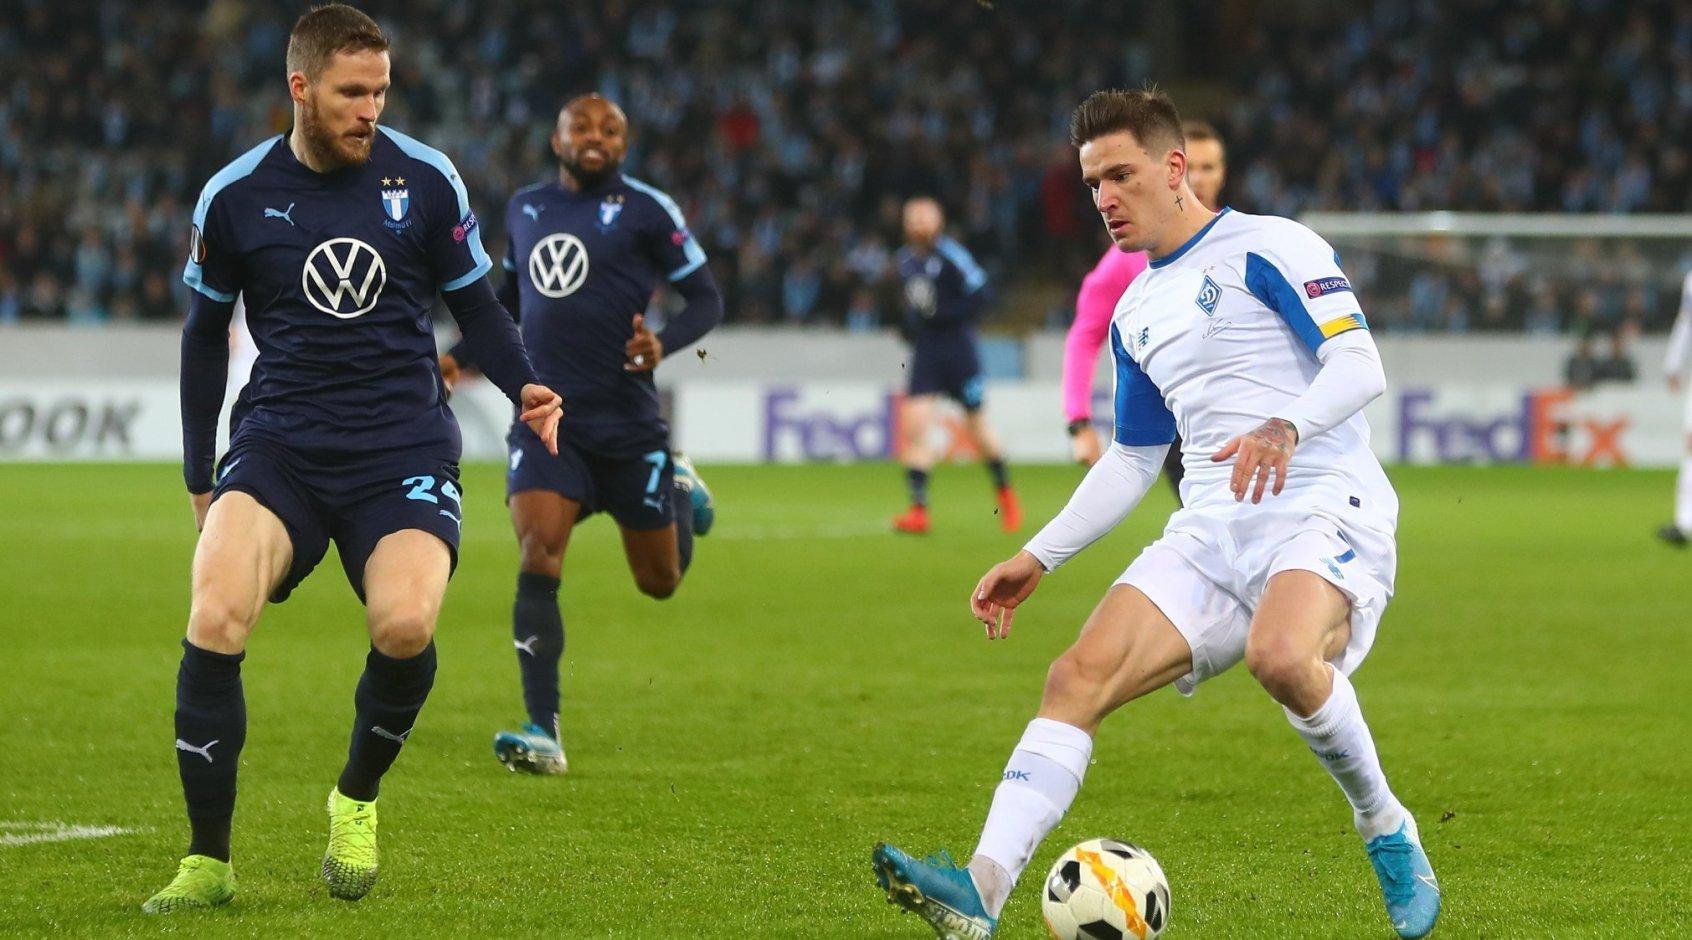 Виктор Цыганков и Беньямин Вербич включены в символическую сборную 5-го тура Лиги Европы